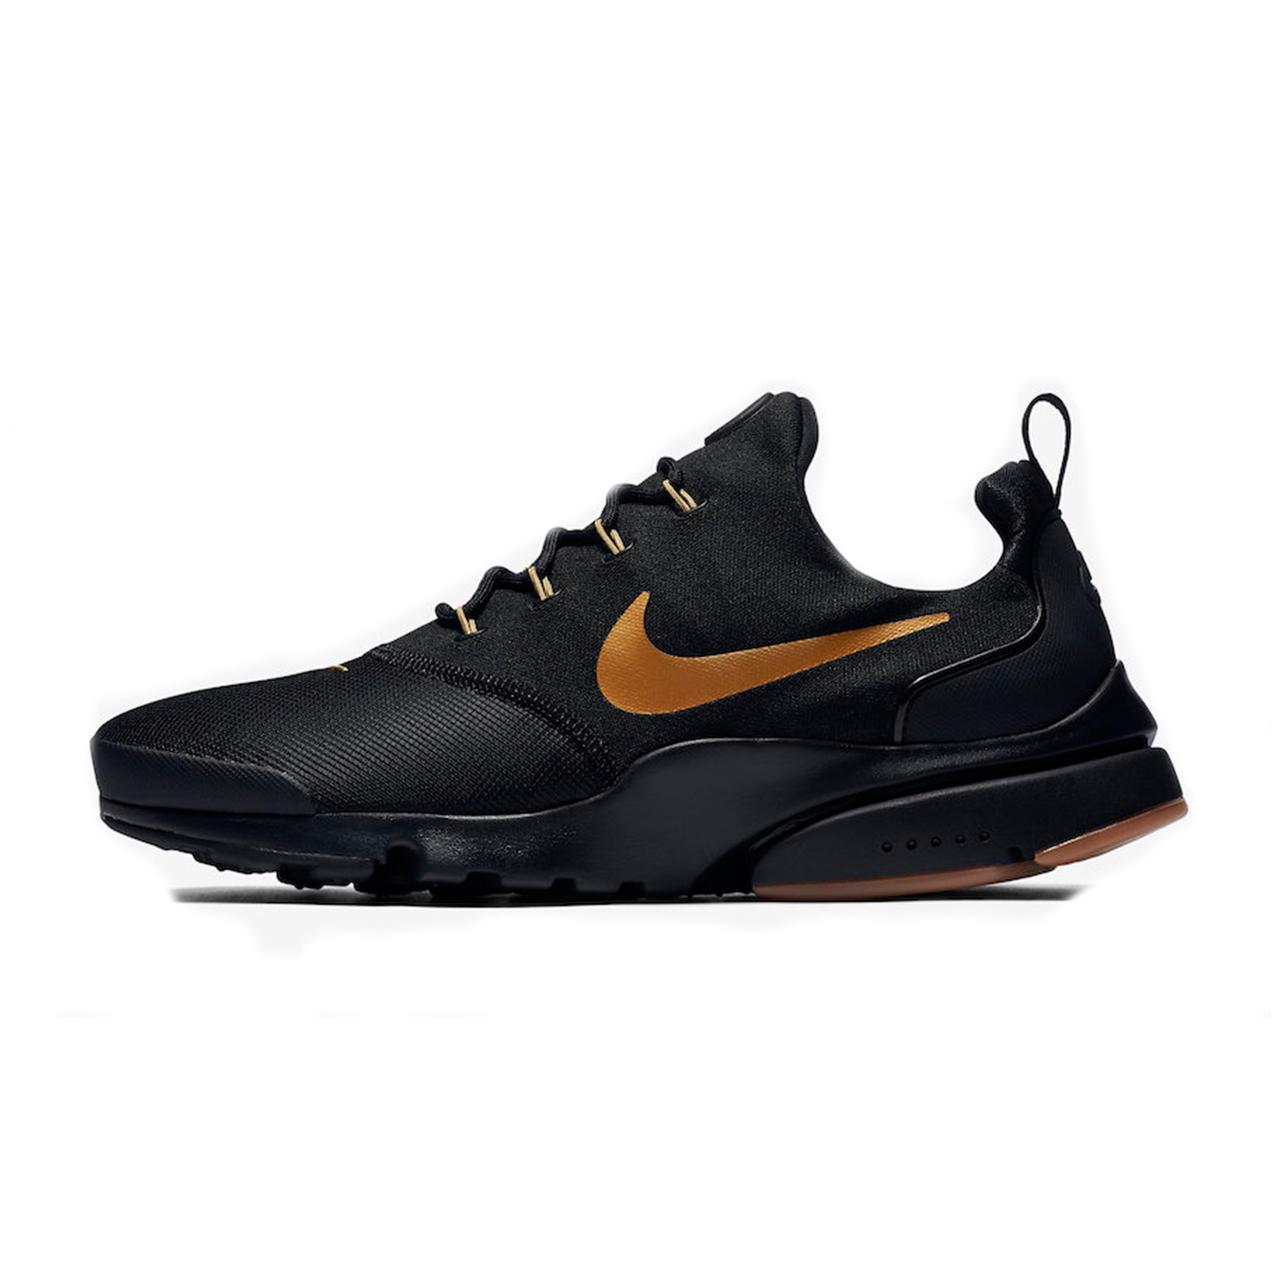 قیمت کفش مخصوص دویدن مردانه نایکی مدل 908019-010